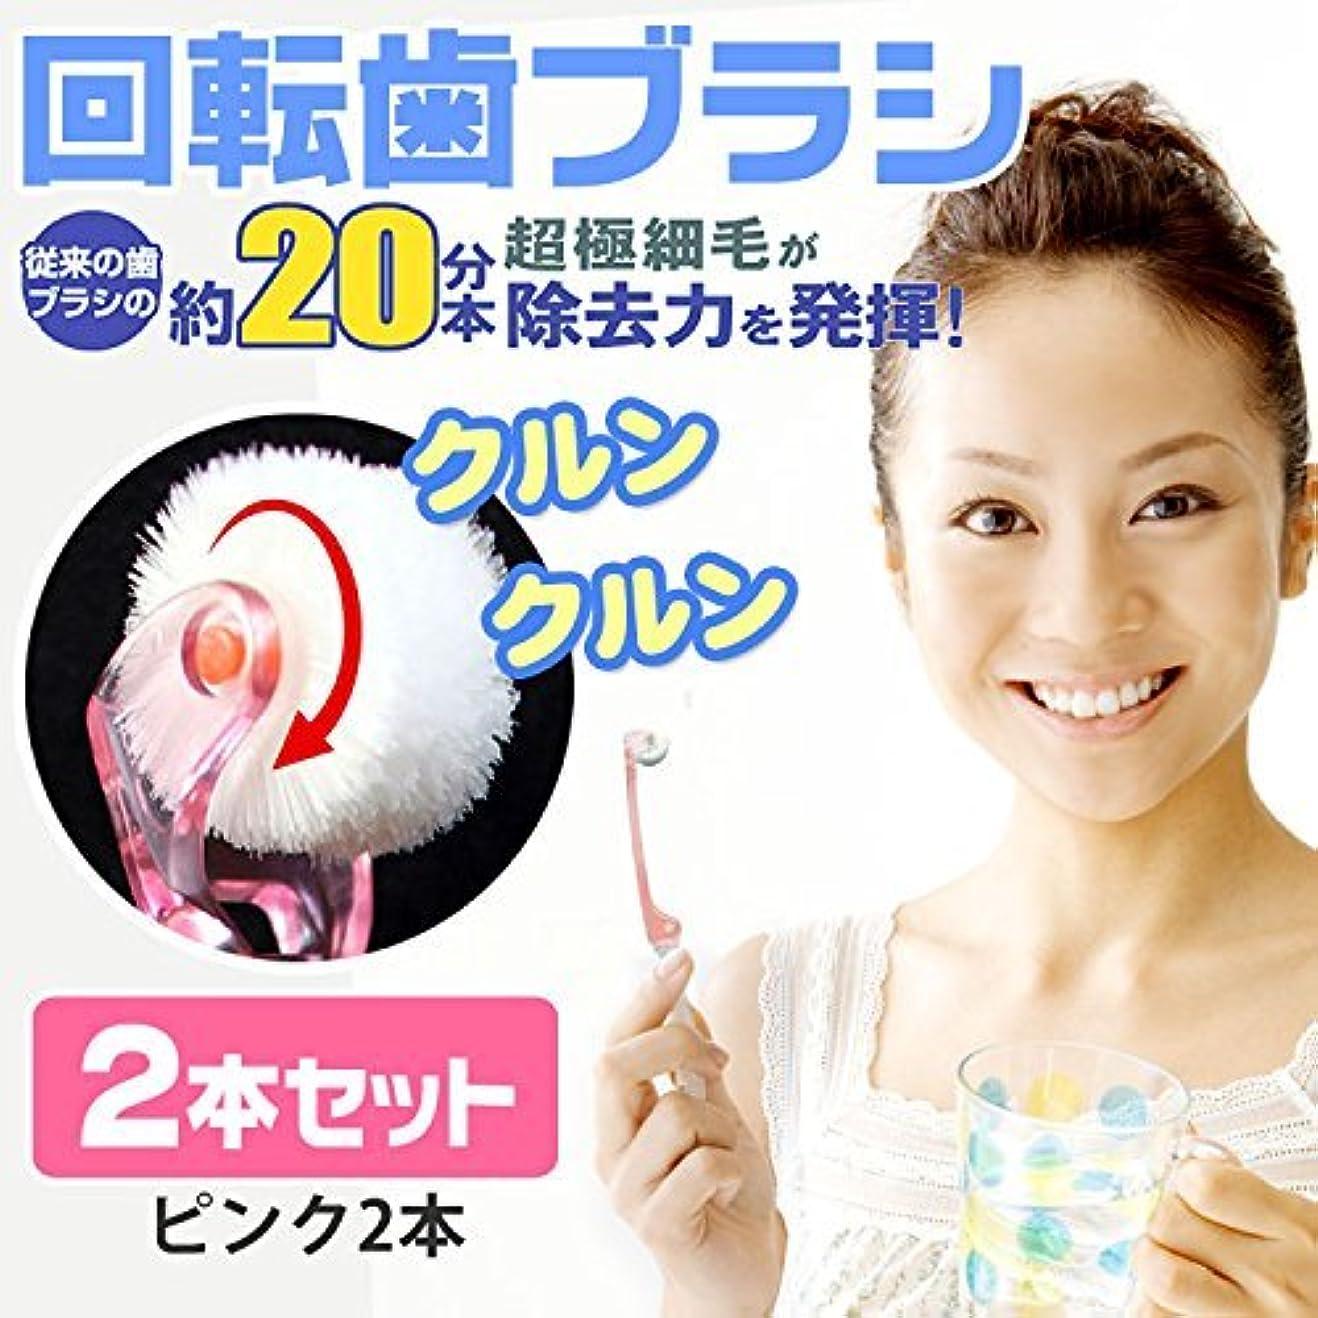 寄り添う噴水食べるNewクルン 吸着回転歯ブラシ◆ピンク2本セット◆ レギュラーヘッド ピンク